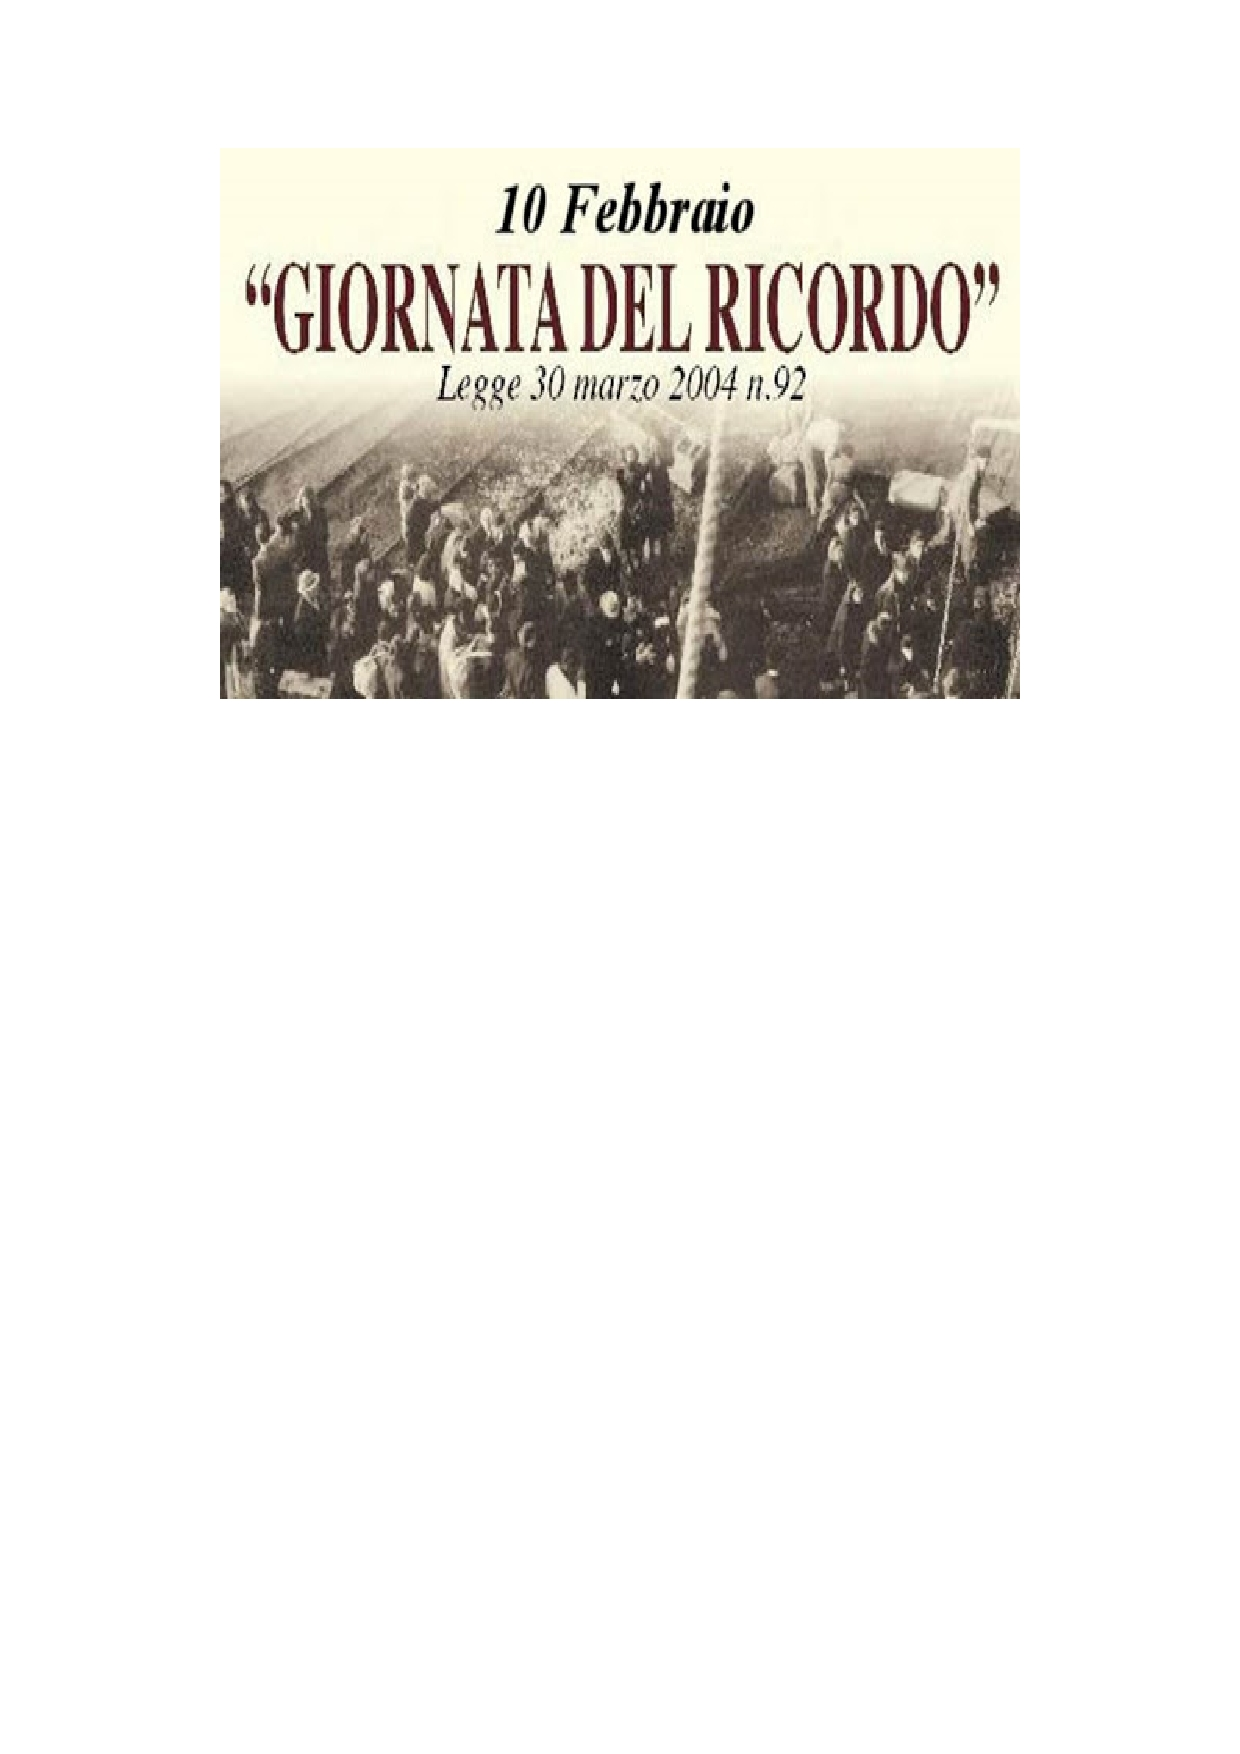 """L'AMMINISTRAZIONE COMUNALE DI BASSIANO PARTECIPA COMMOSSA E RIVERENTE AL """"GIORNO DEL RICORDO"""" IN MEMORIA DELLA VITTIME DELLE FOIBE E DELL'ESODO GIULIANO - DALMATA."""